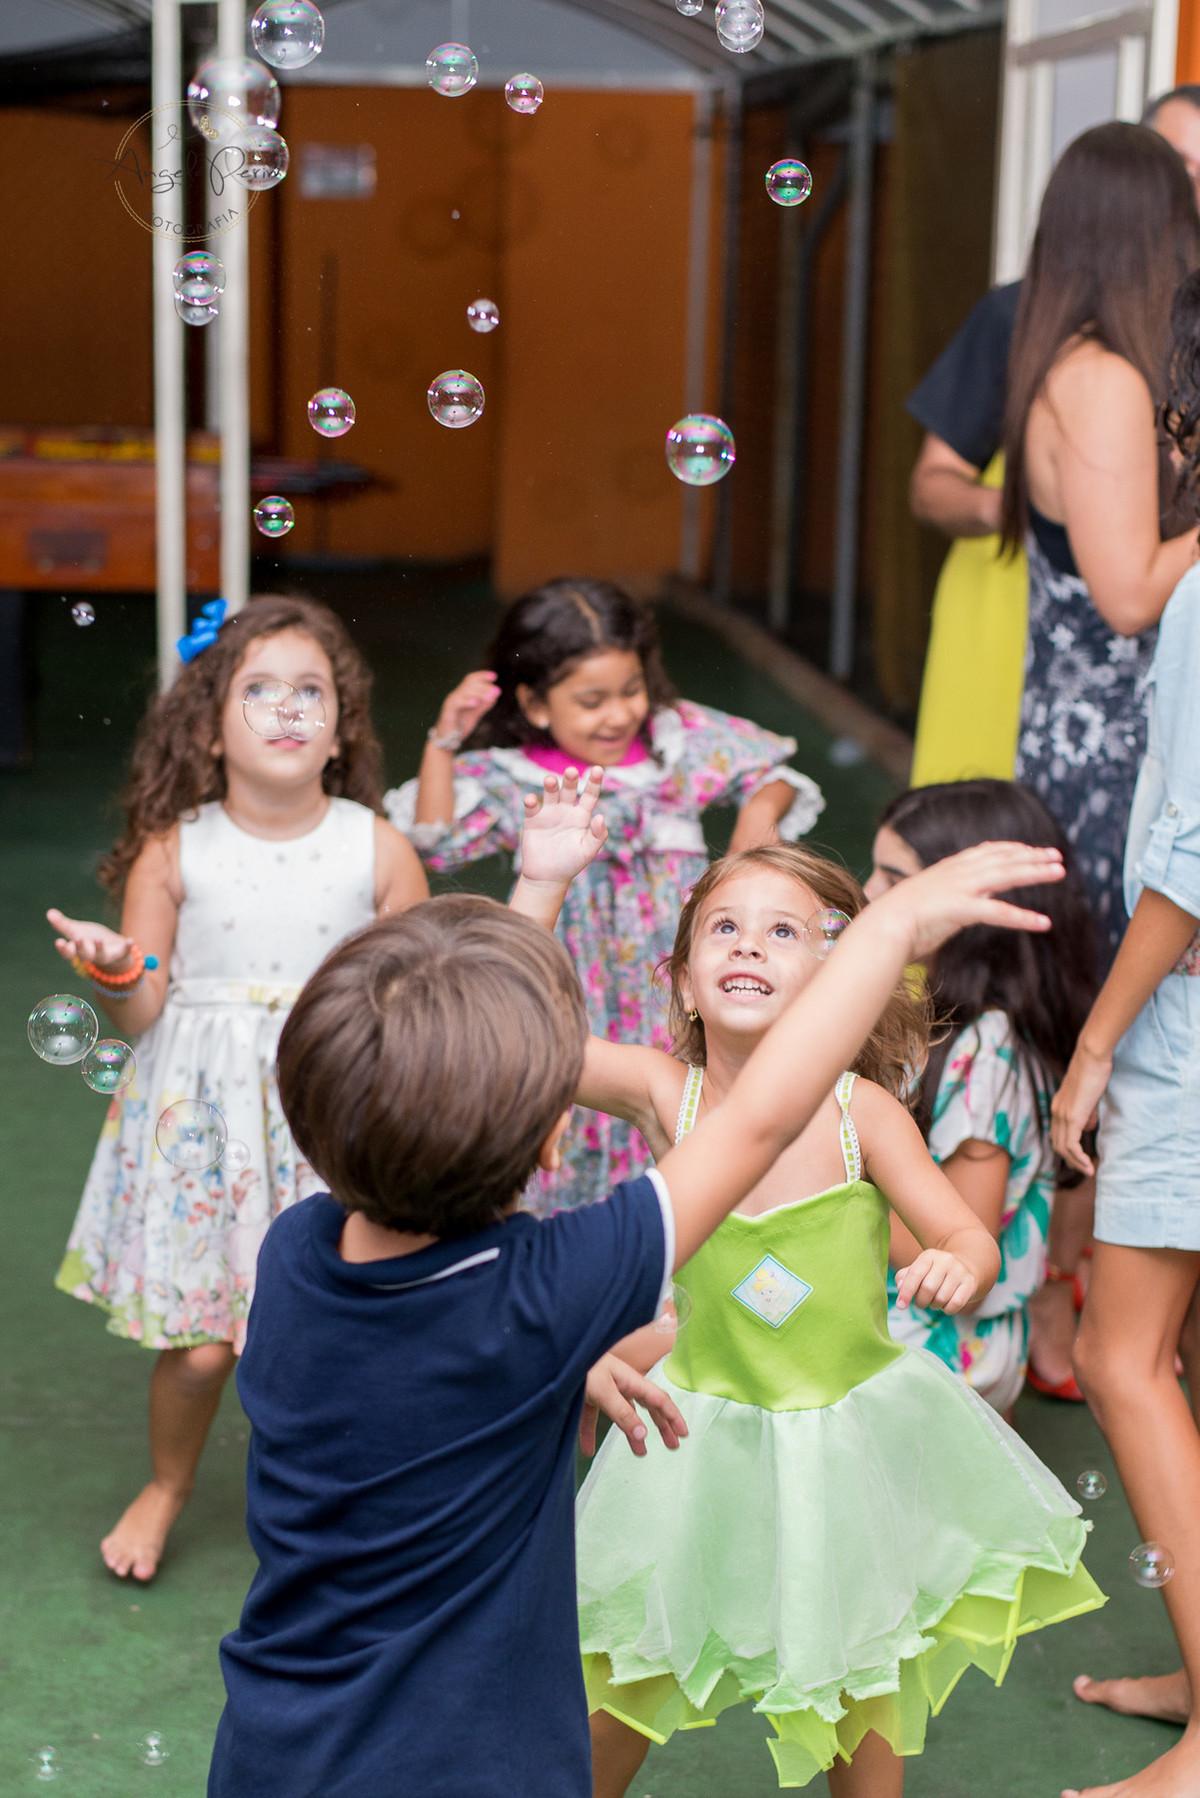 Aniversário 1 aninho Maria Alice e 4 anos Miguel  - pura diversão